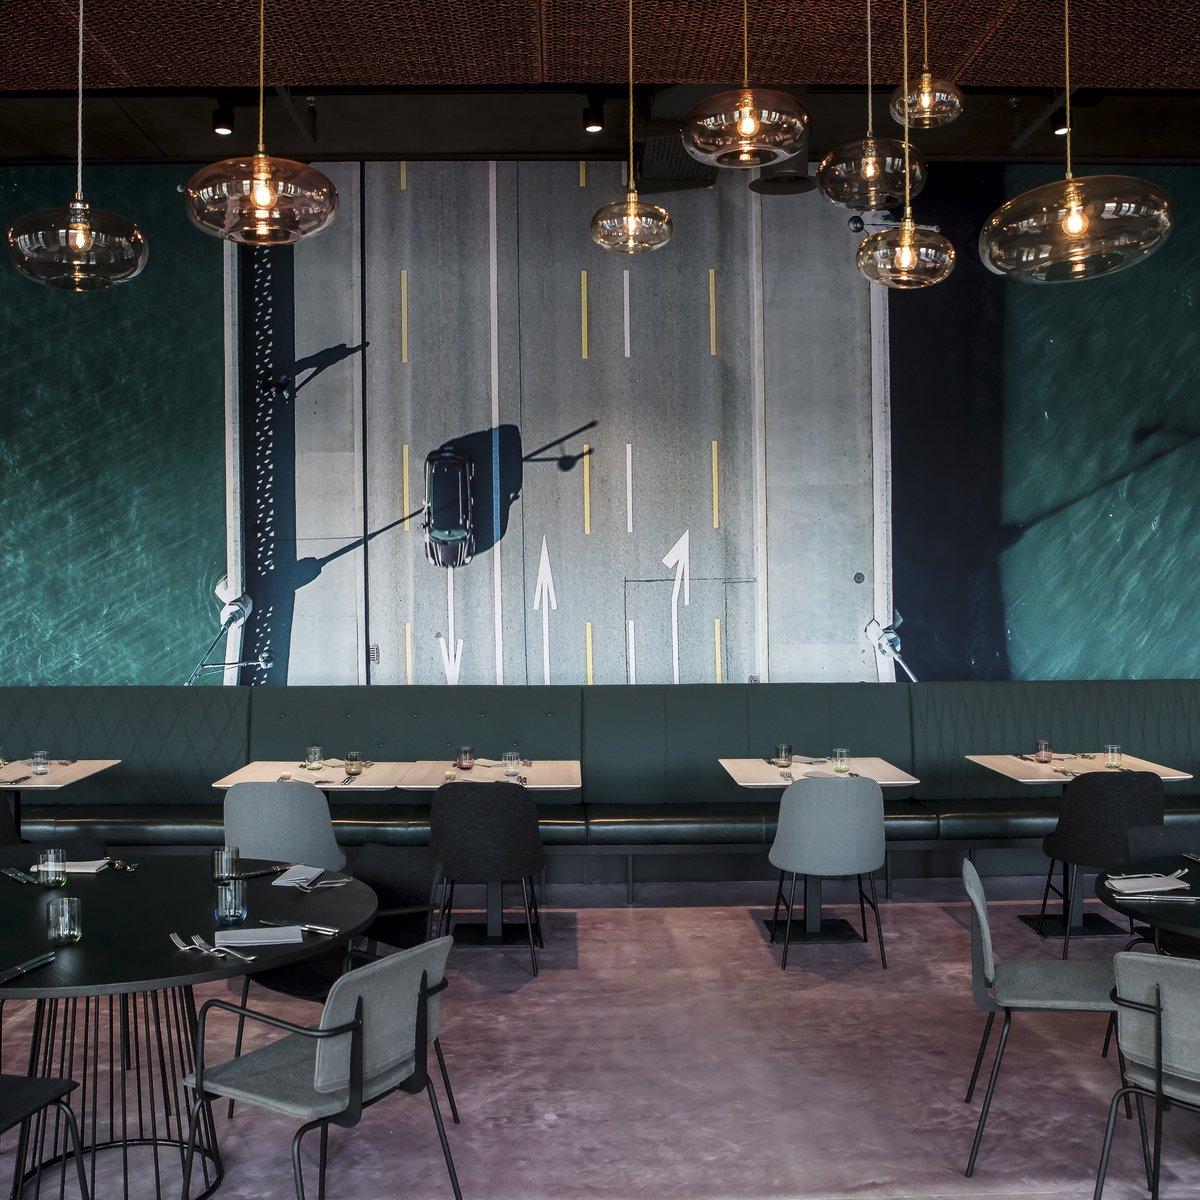 Restaurant BUNT: der hintere Teil des Restaurants